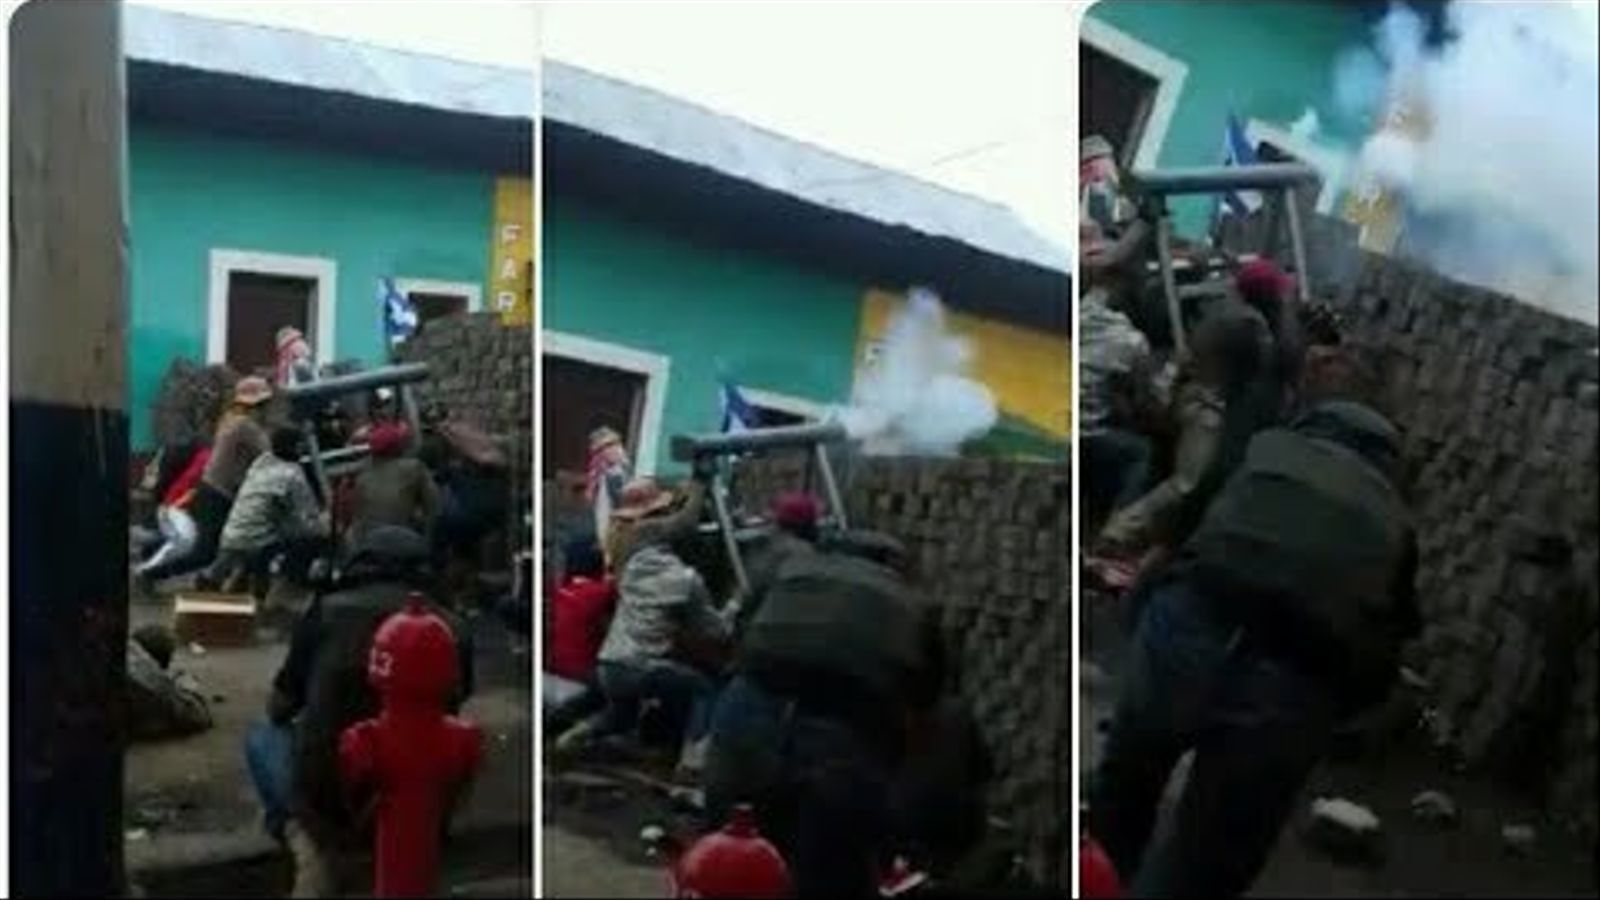 atac a Masaya, Nicaragua per part del govern de Daniel Ortega